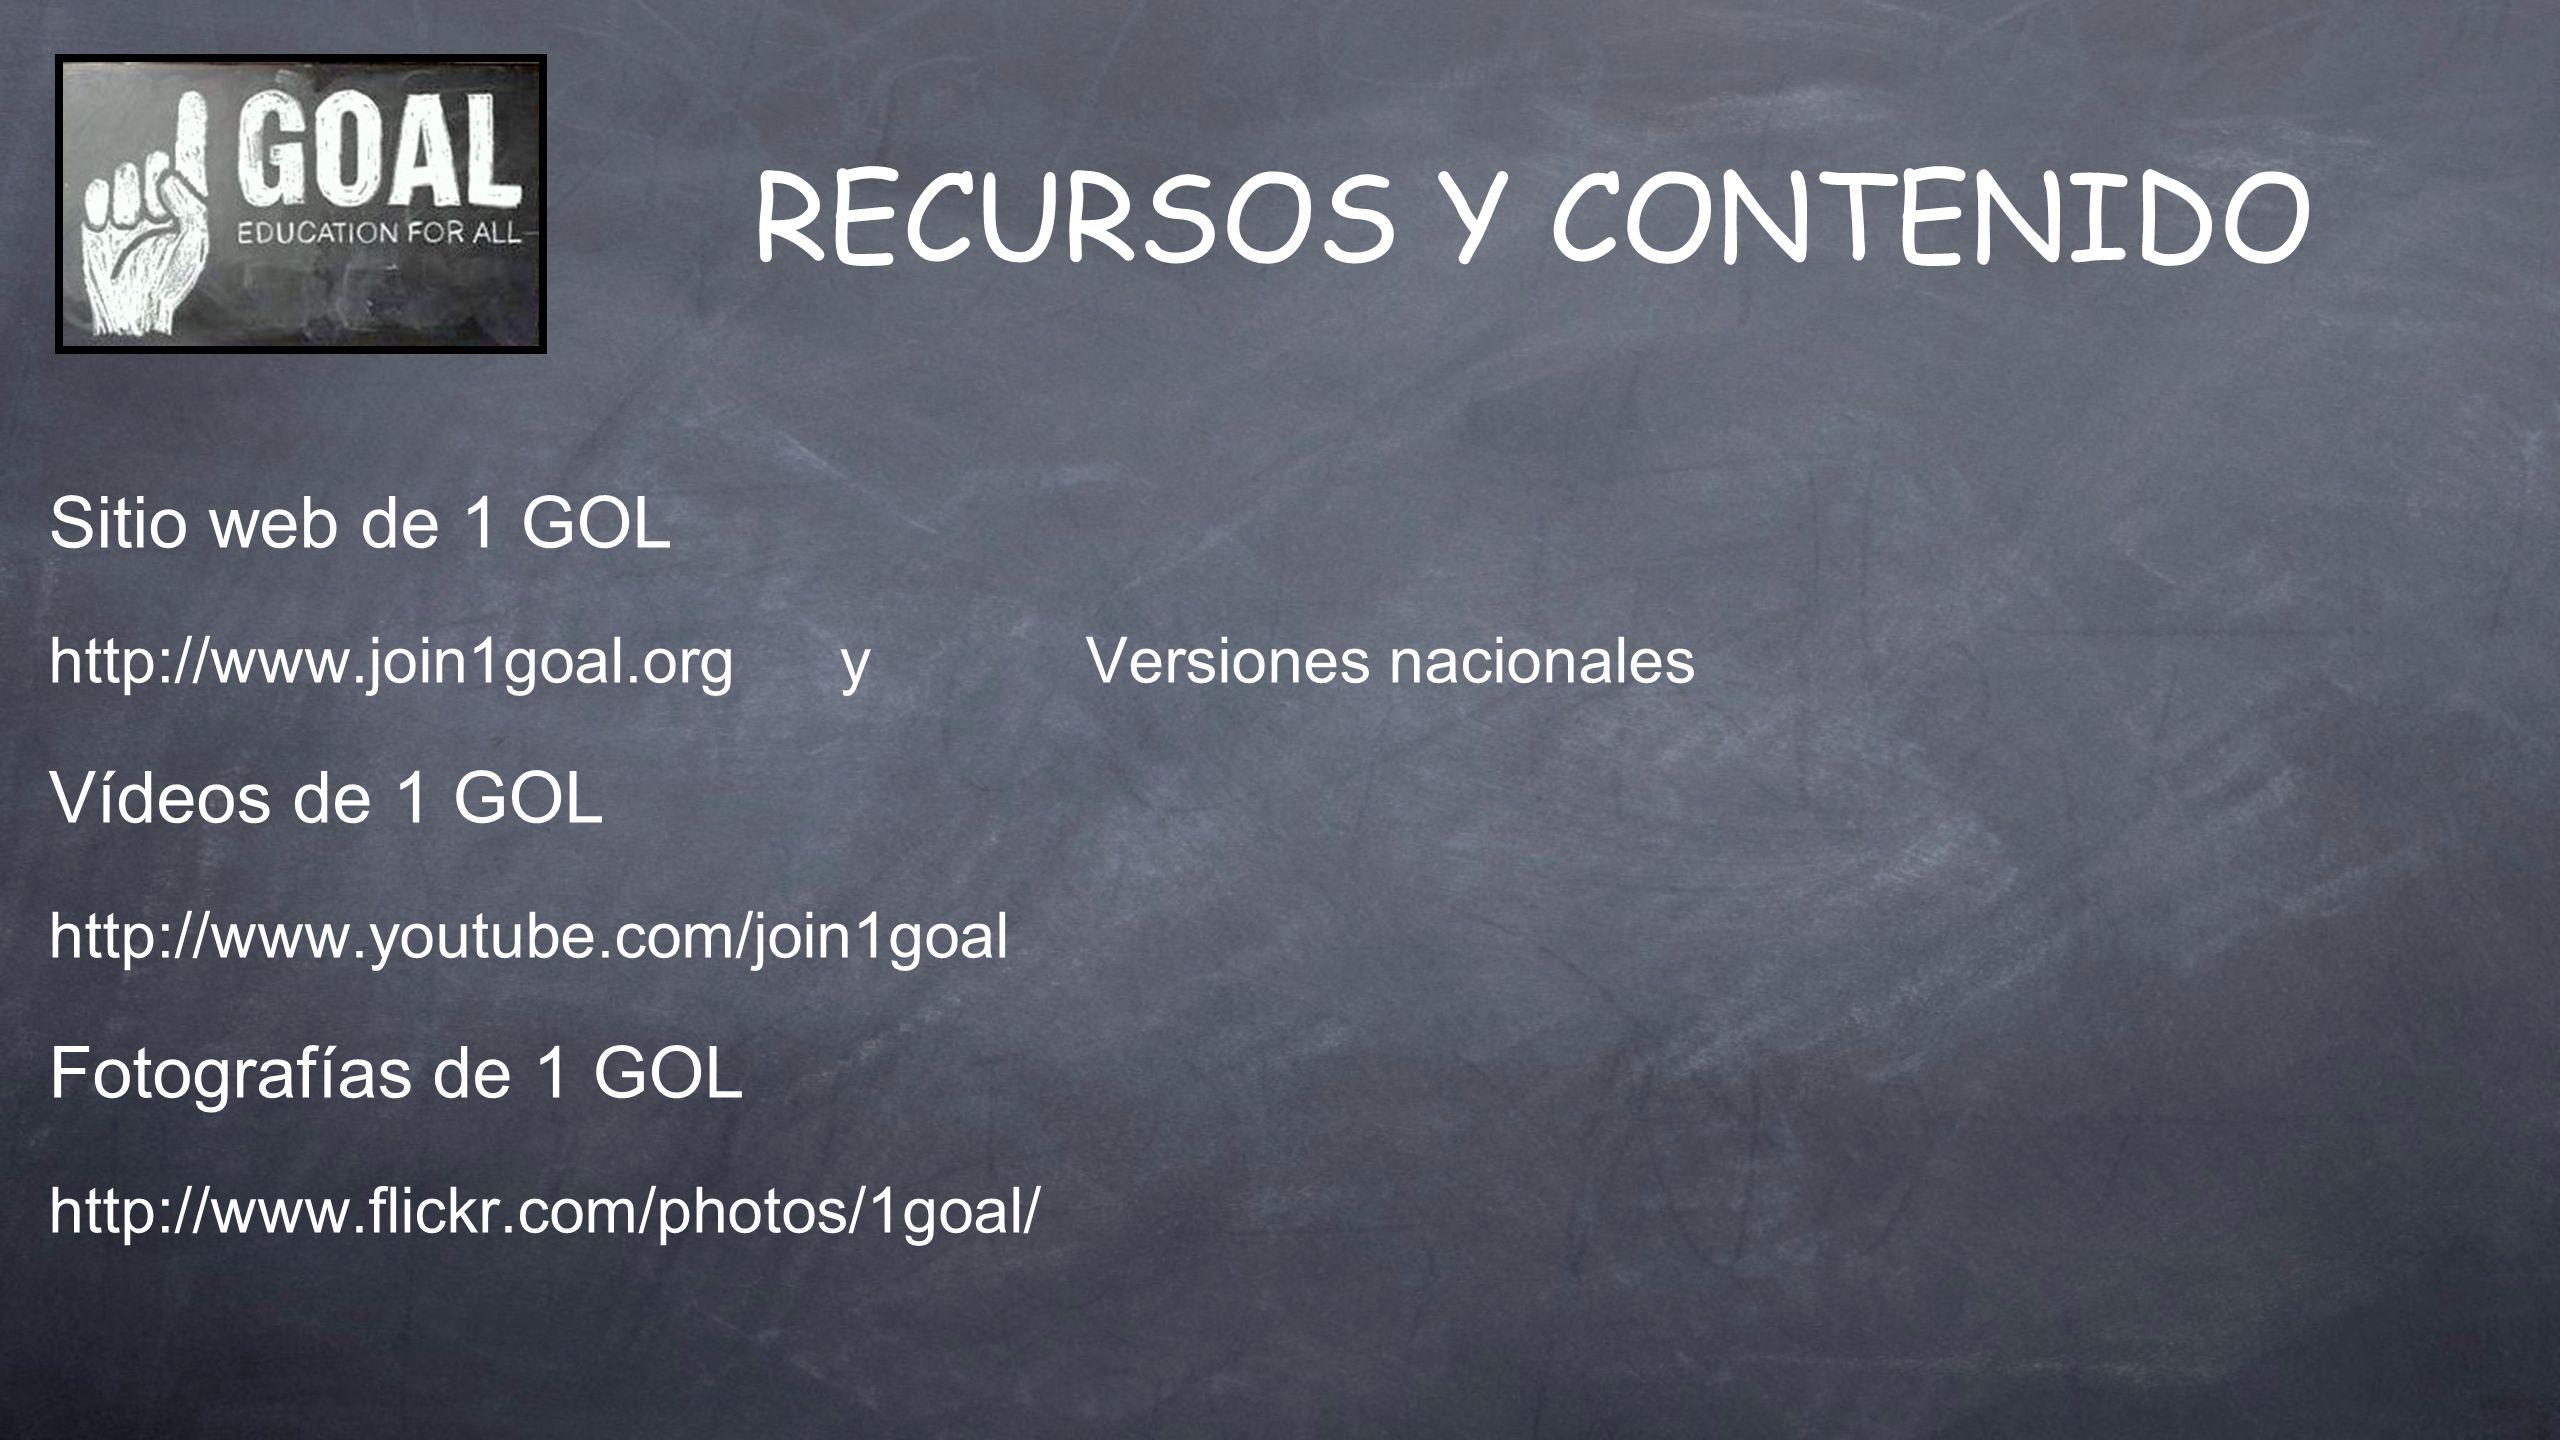 RECURSOS Y CONTENIDO Sitio web de 1 GOL http://www.join1goal.org y Versiones nacionales Vídeos de 1 GOL http://www.youtube.com/join1goal Fotografías d